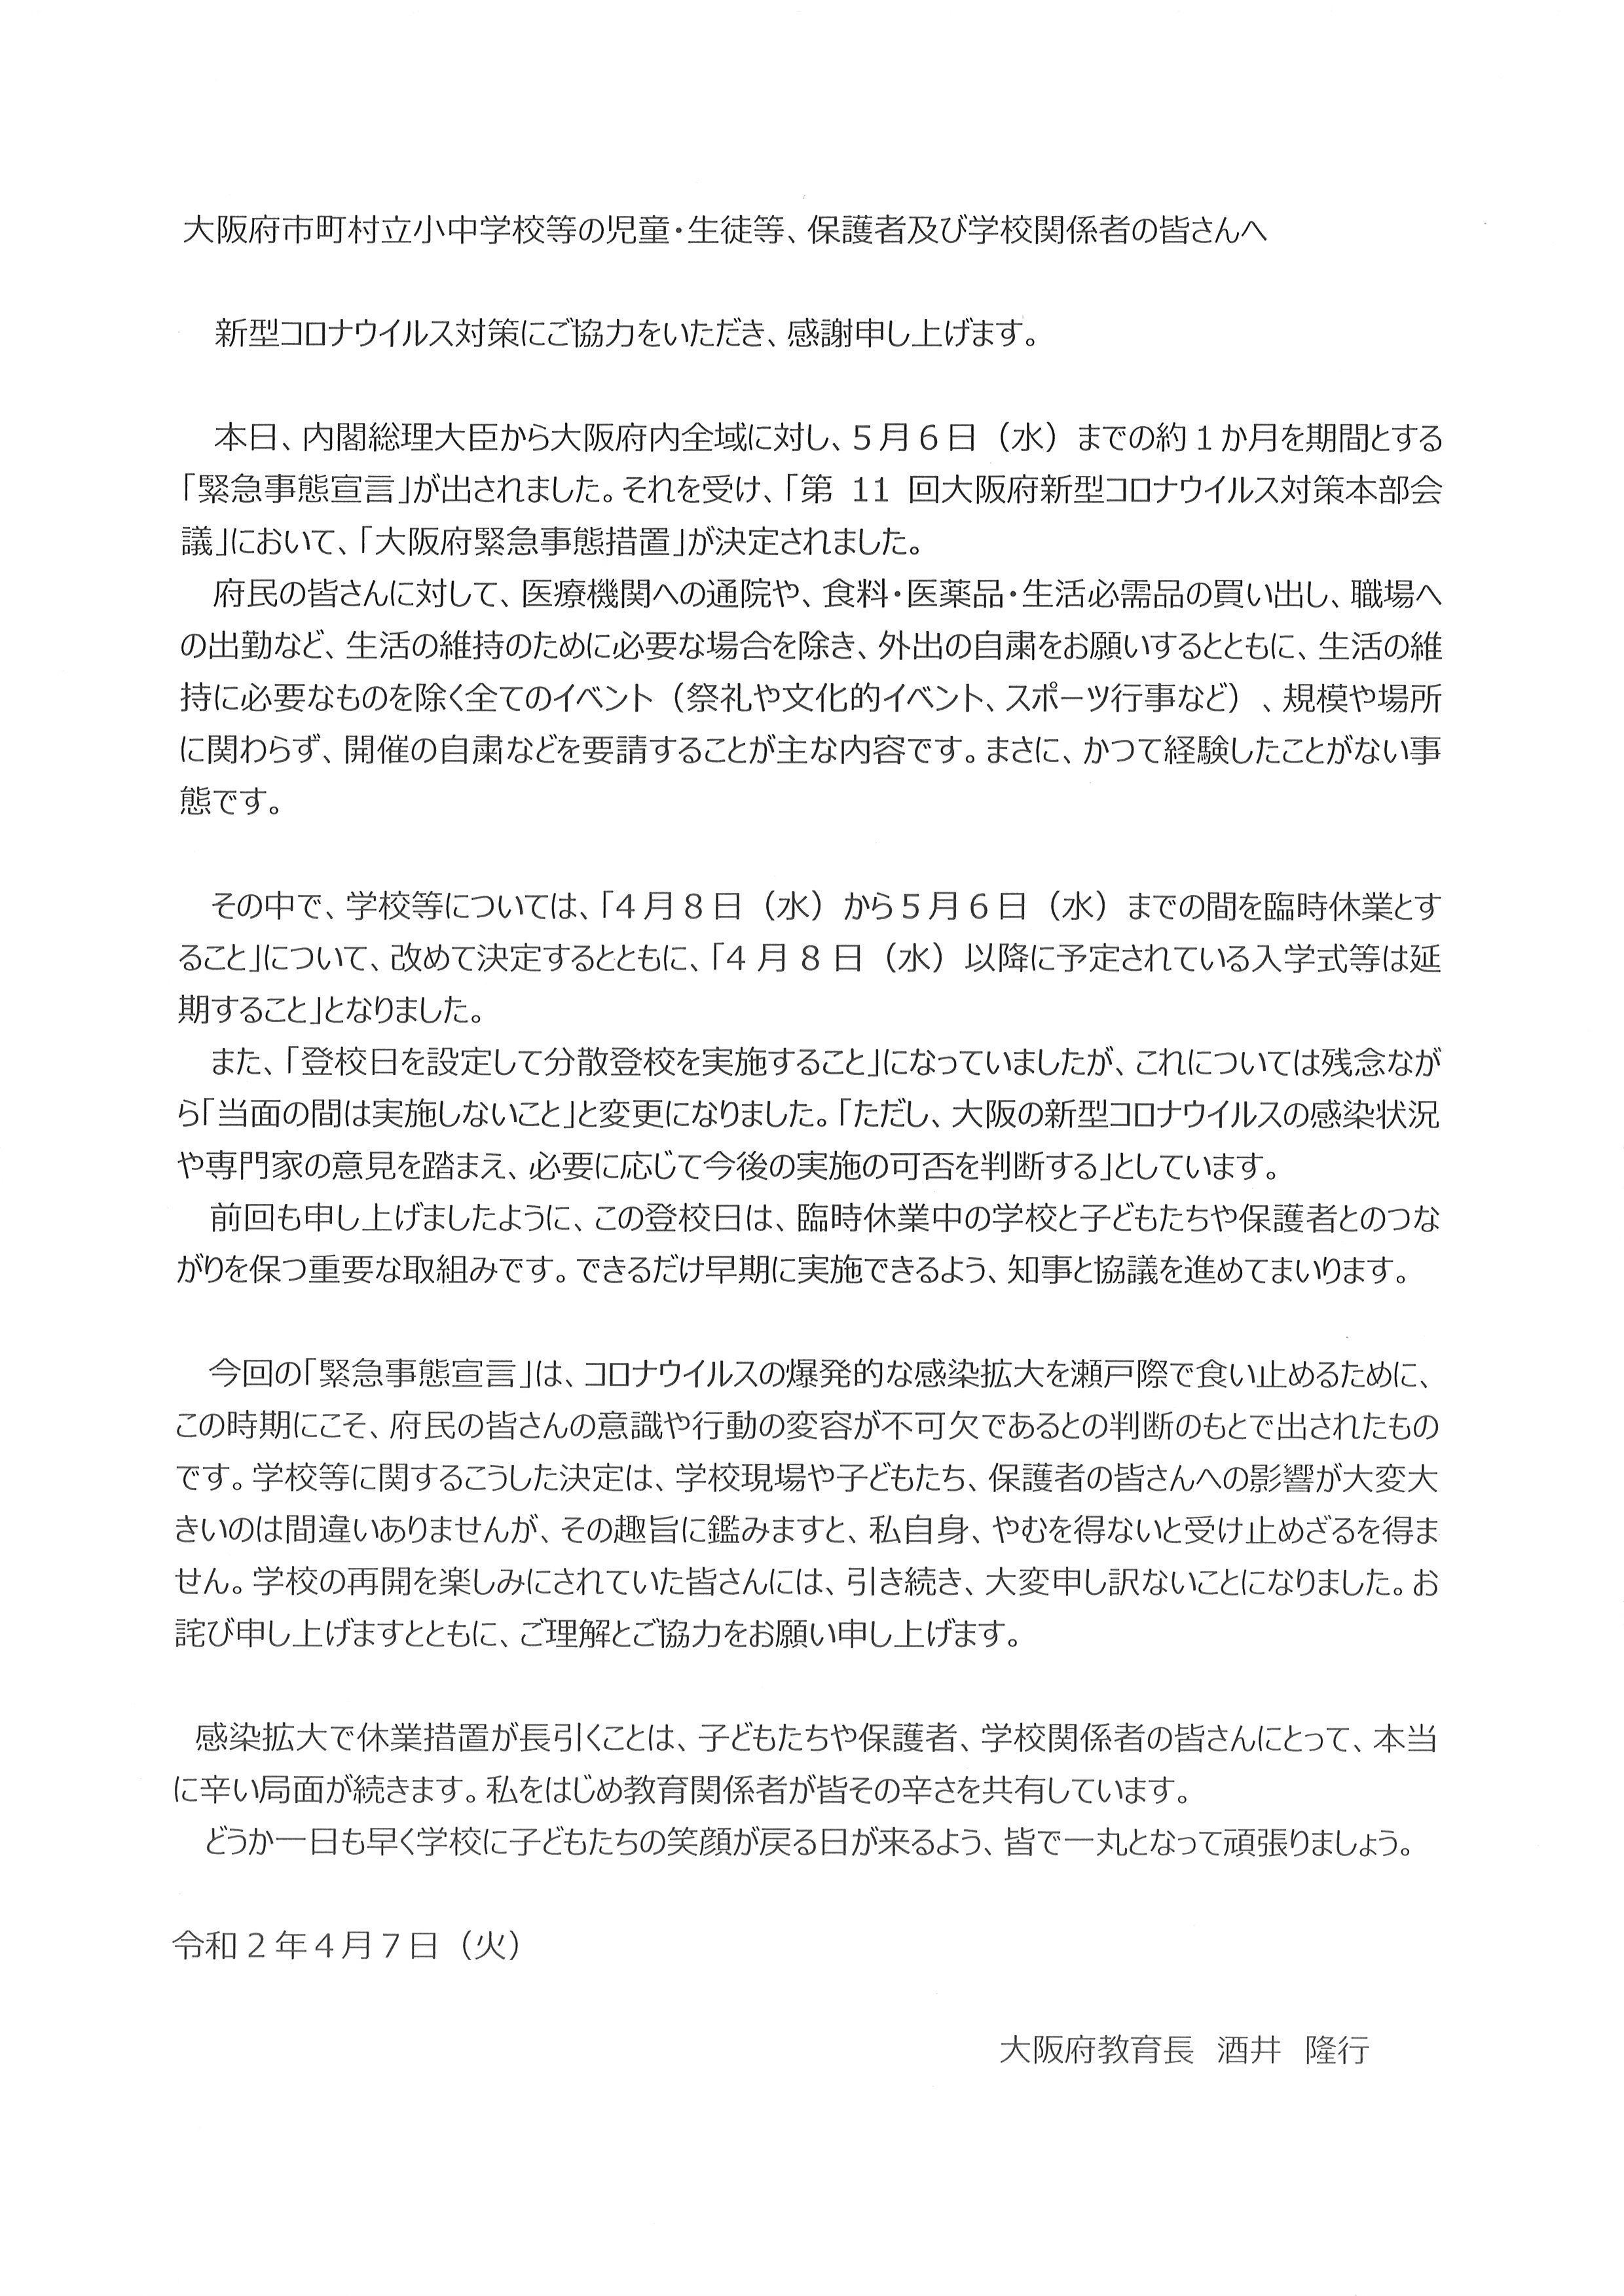 緊急事態宣言」発令 に基づく休校措置等について(お知らせ) | 八尾市